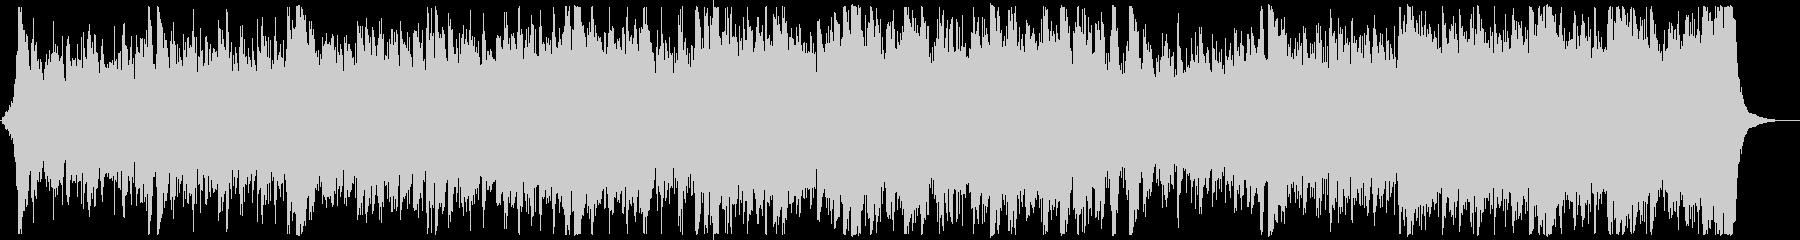 和風・和楽器・忍者エピック:フル1回の未再生の波形